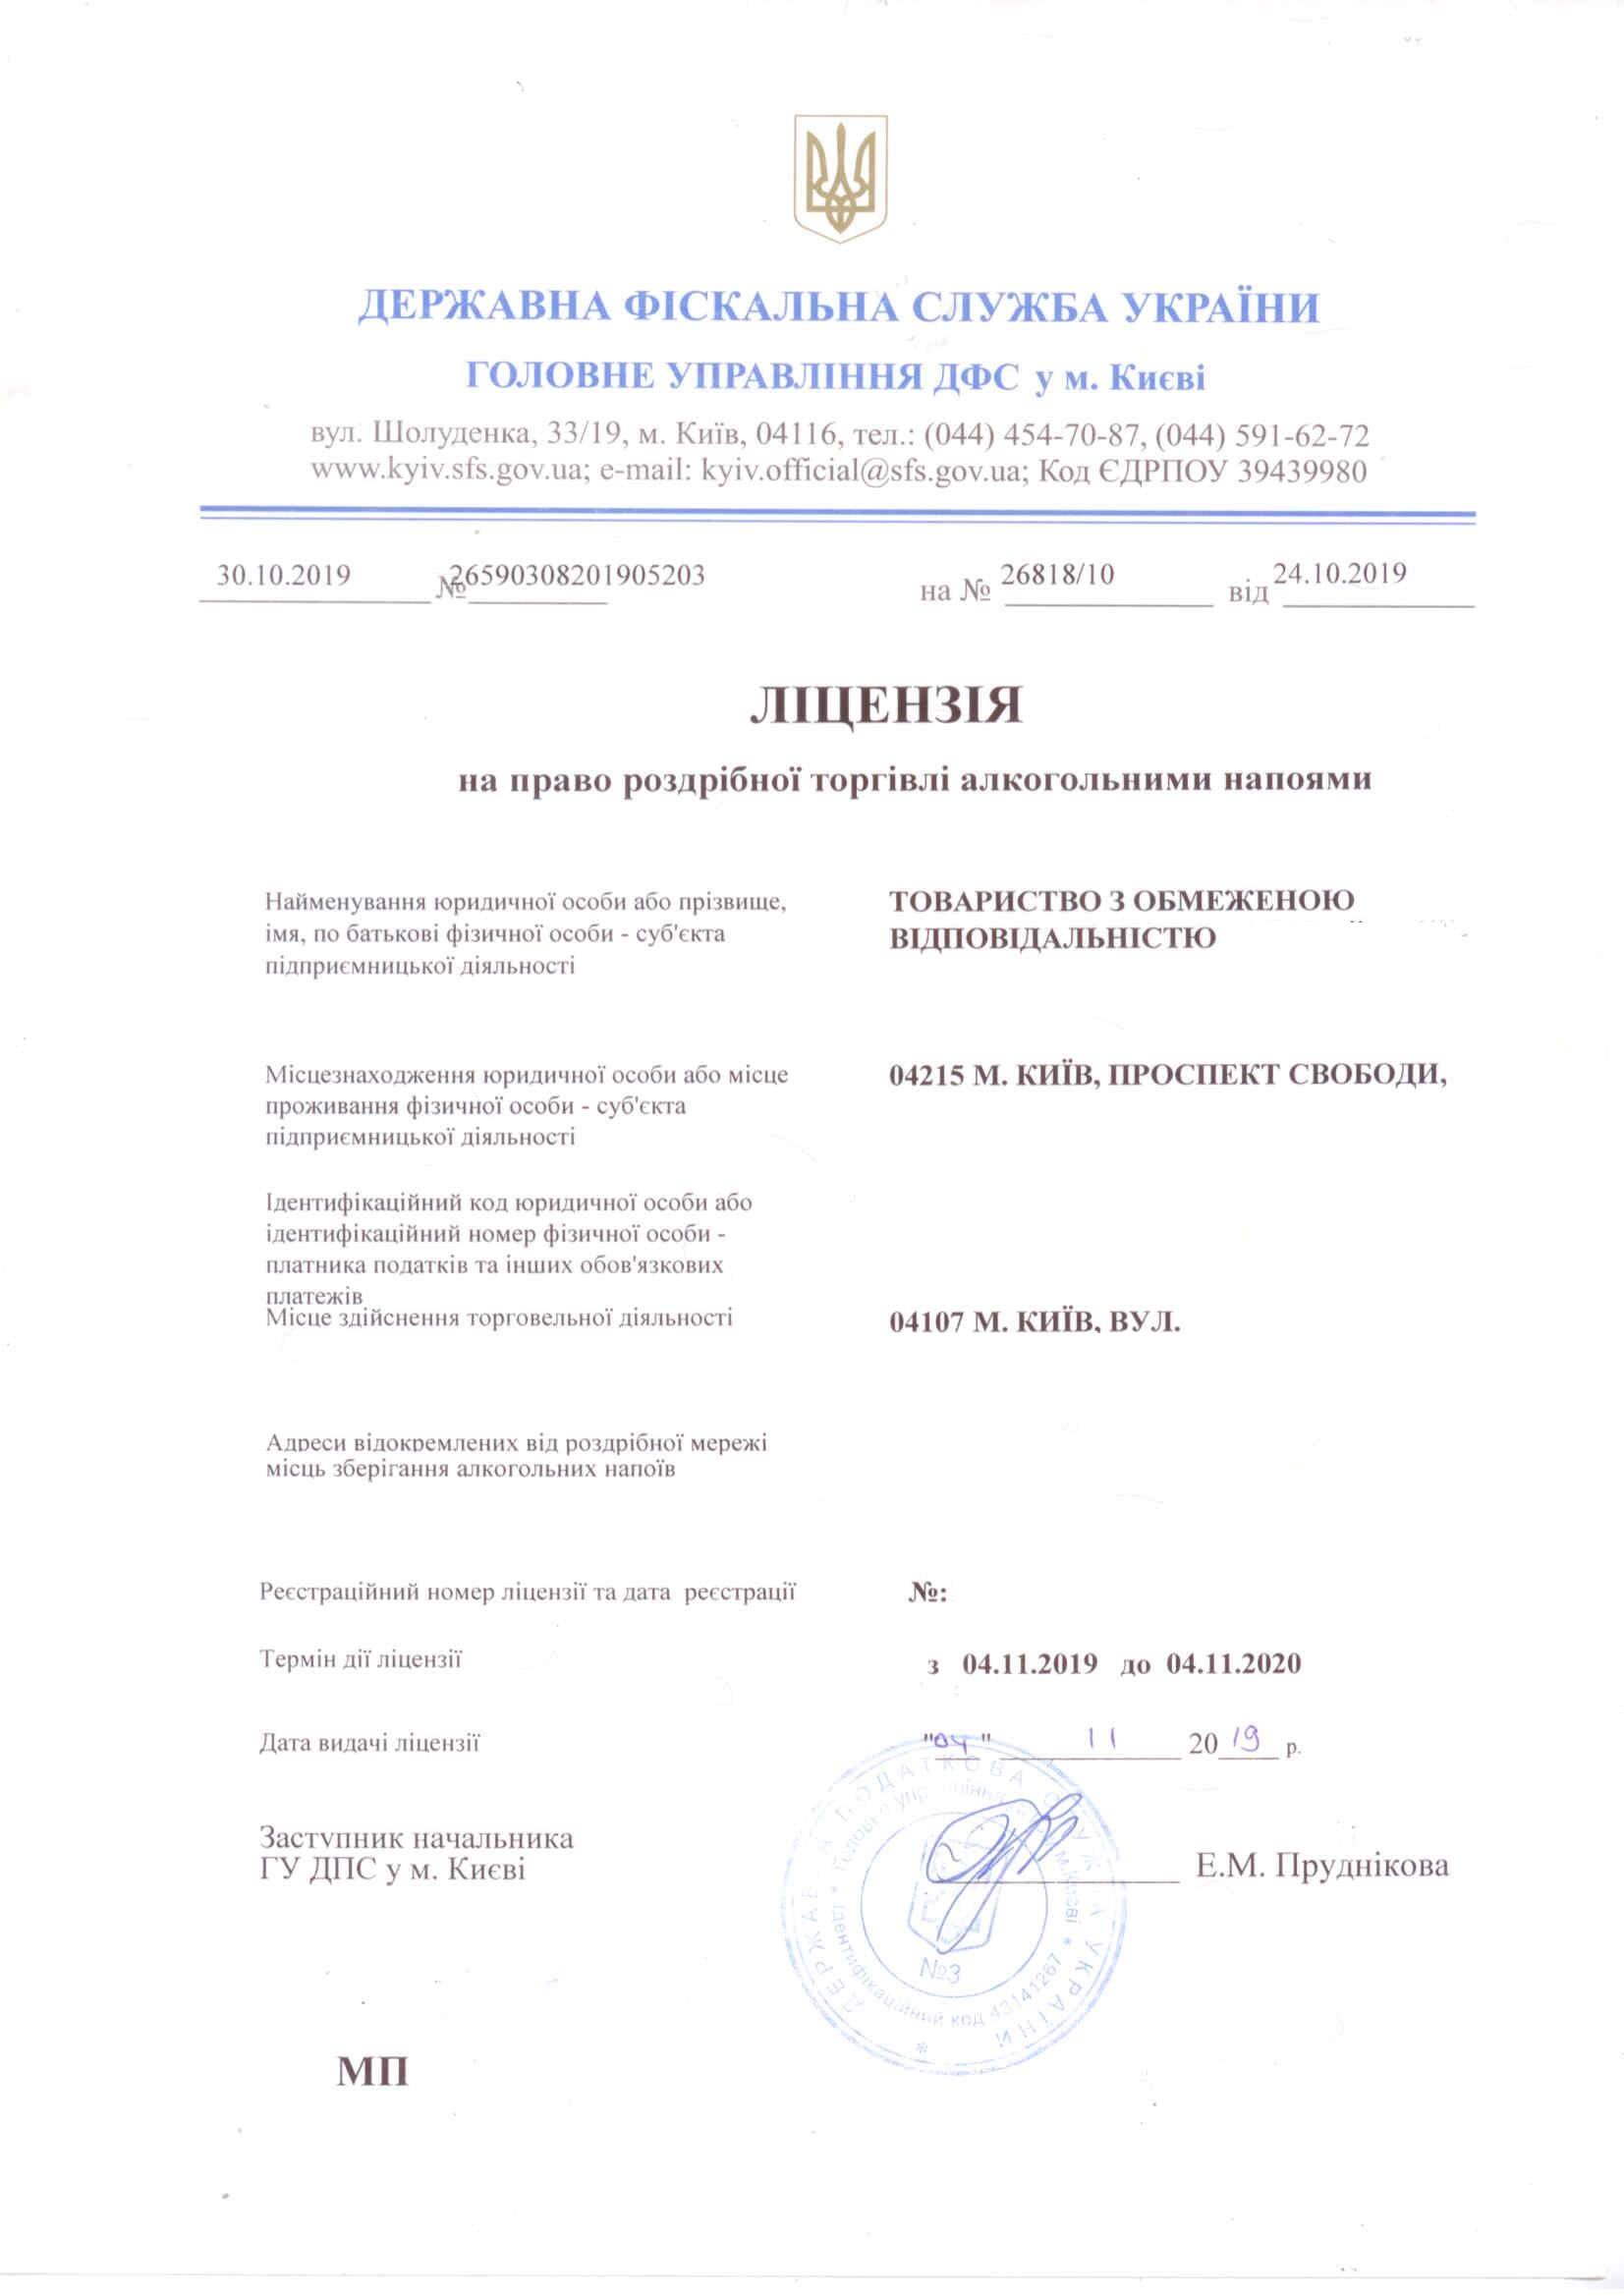 Пример заявления в суд о правопреемстве